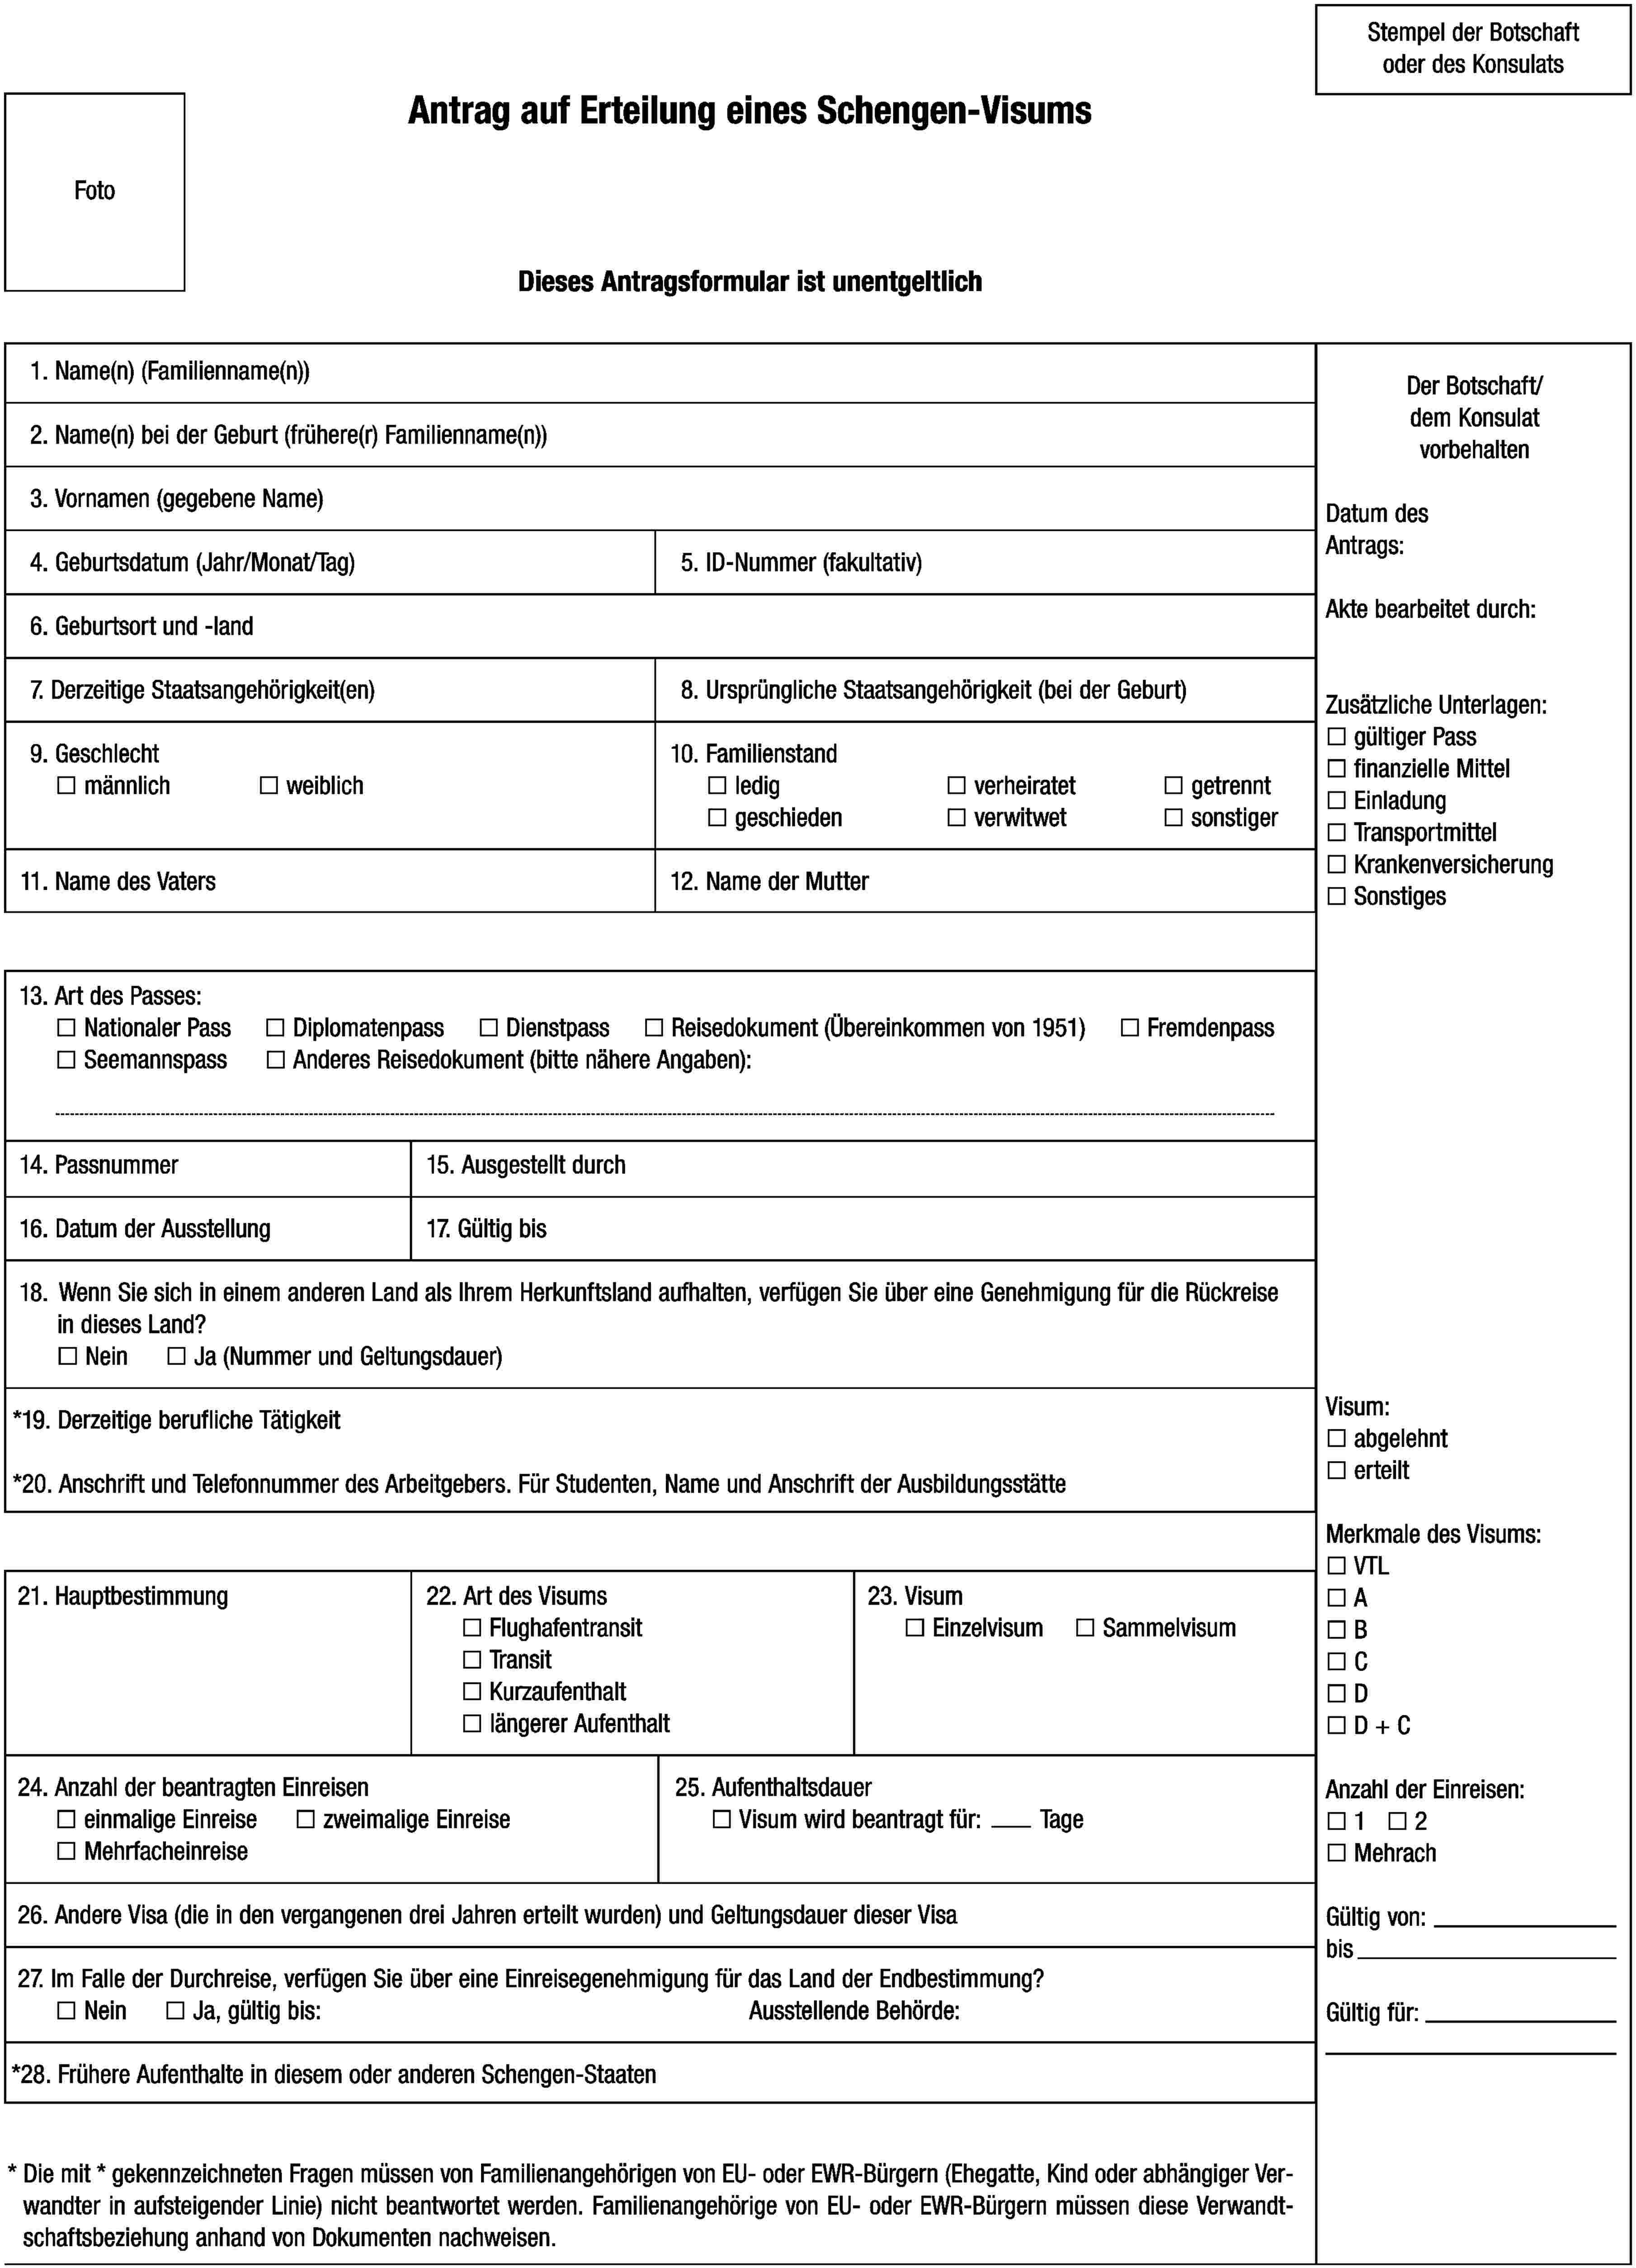 eur-lex - 32002x1216(02) - en - eur-lex, Einladung